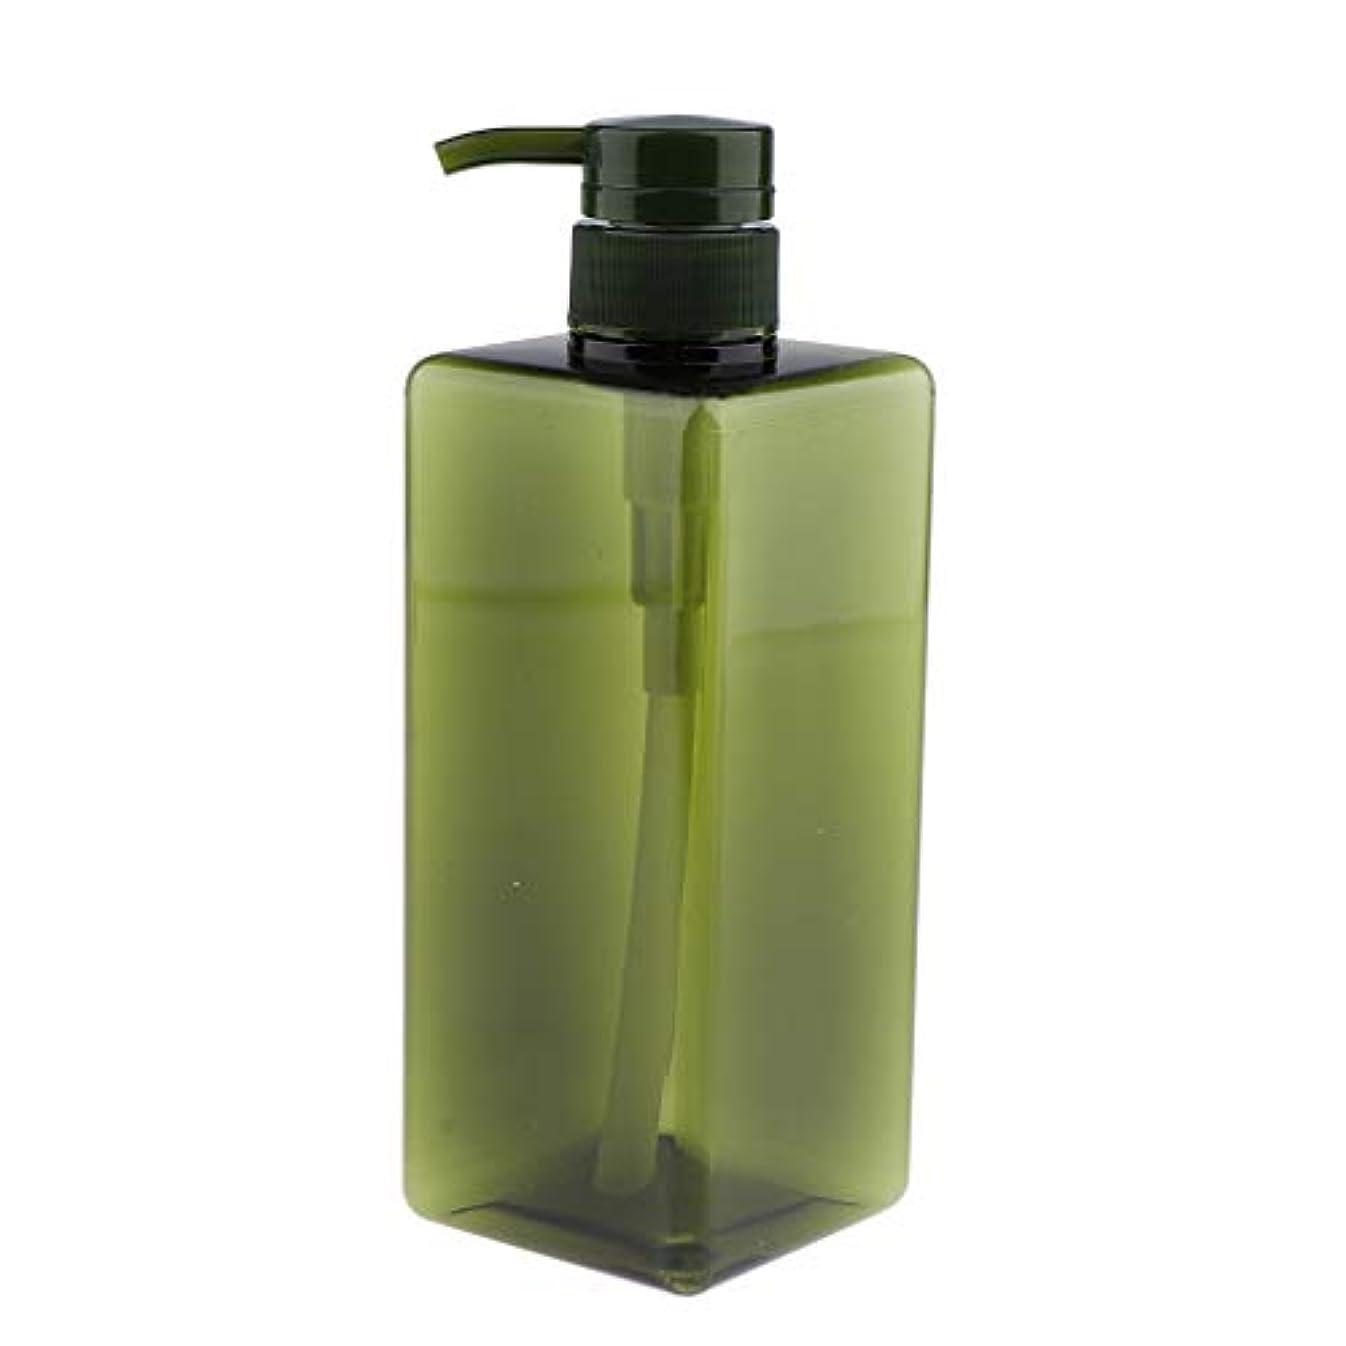 書く巡礼者郵便番号IPOTCH シャンプーコンテナ ポンプボトル 大容量 650ml 4色選べ - グリーン